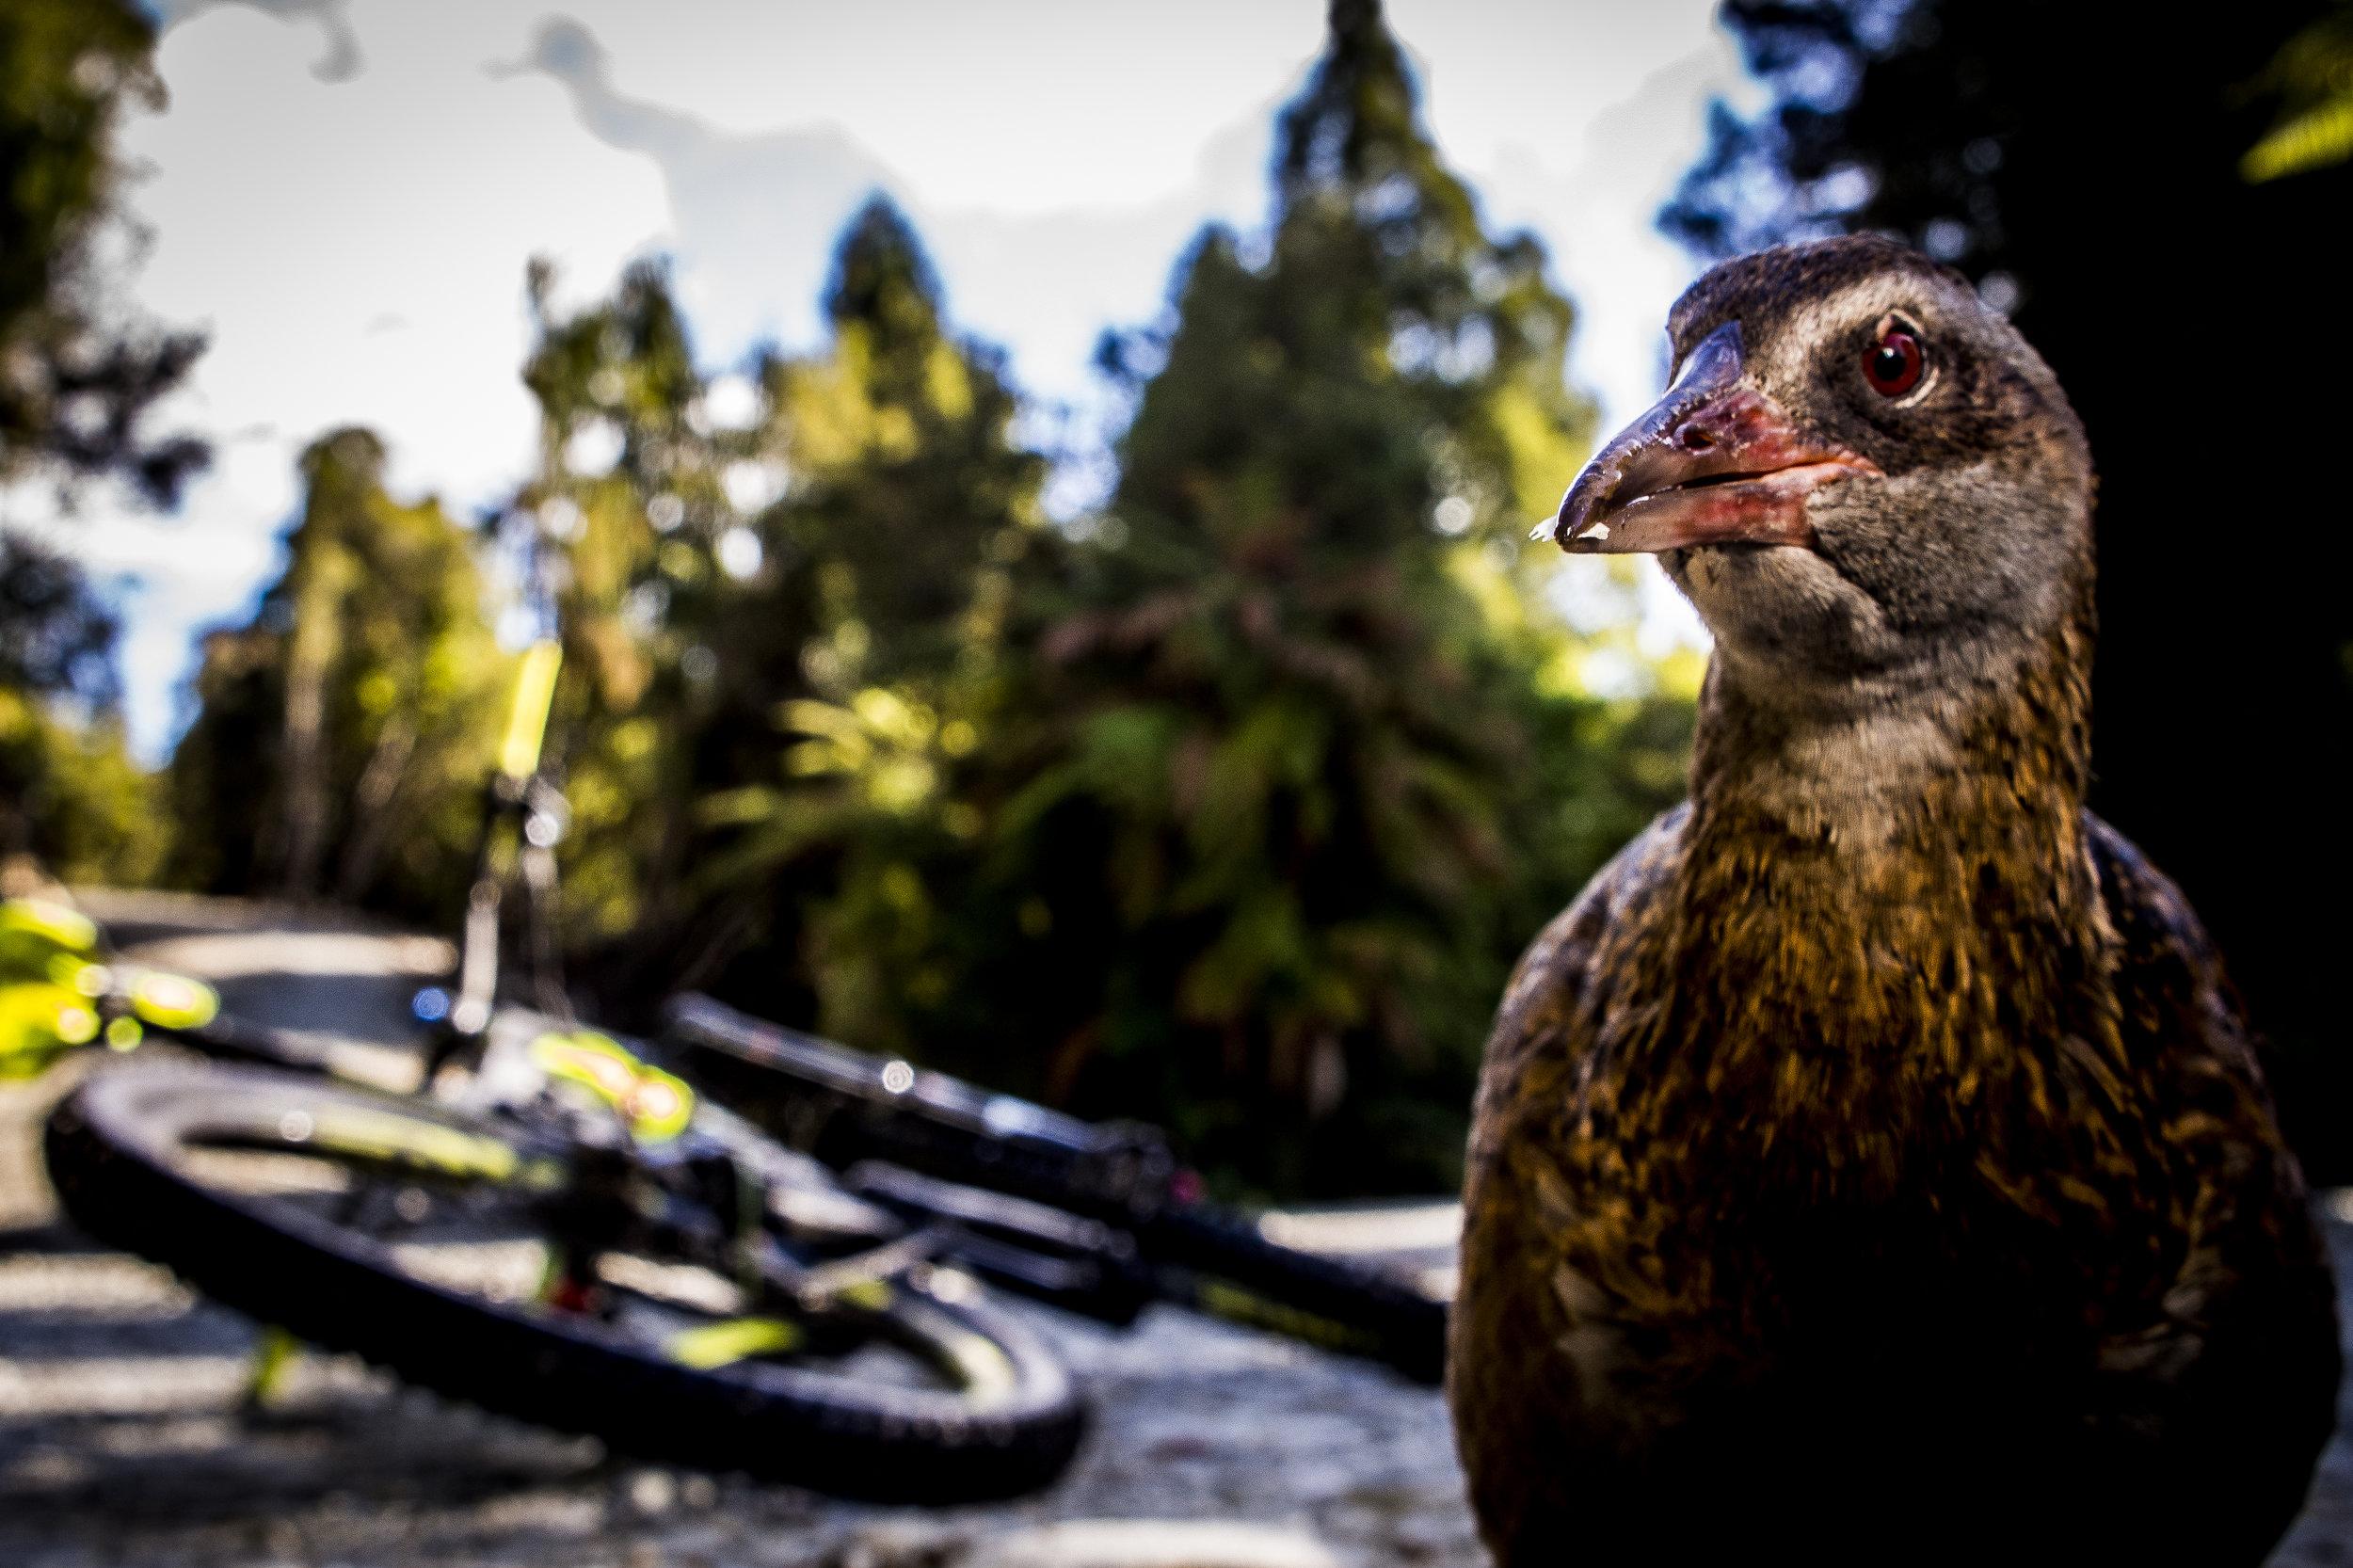 nzmtb_oldghost_bird.JPG